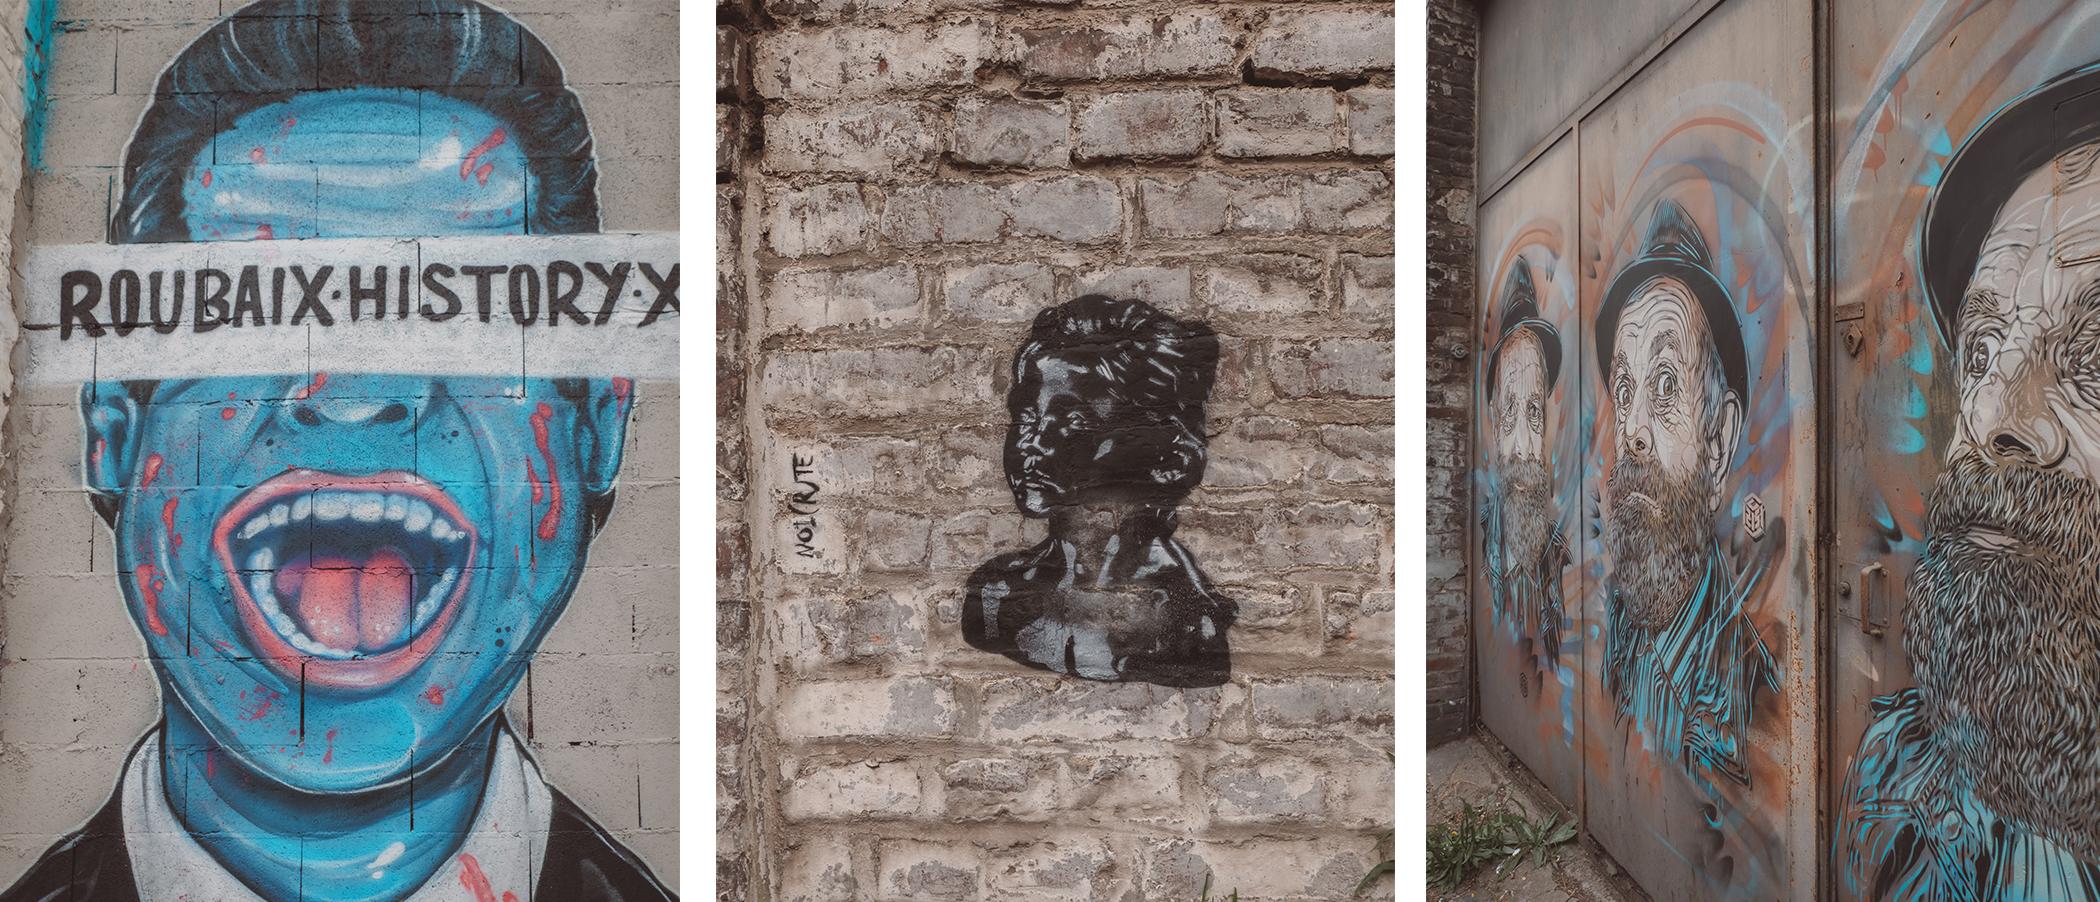 Le Street Art à Roubaix